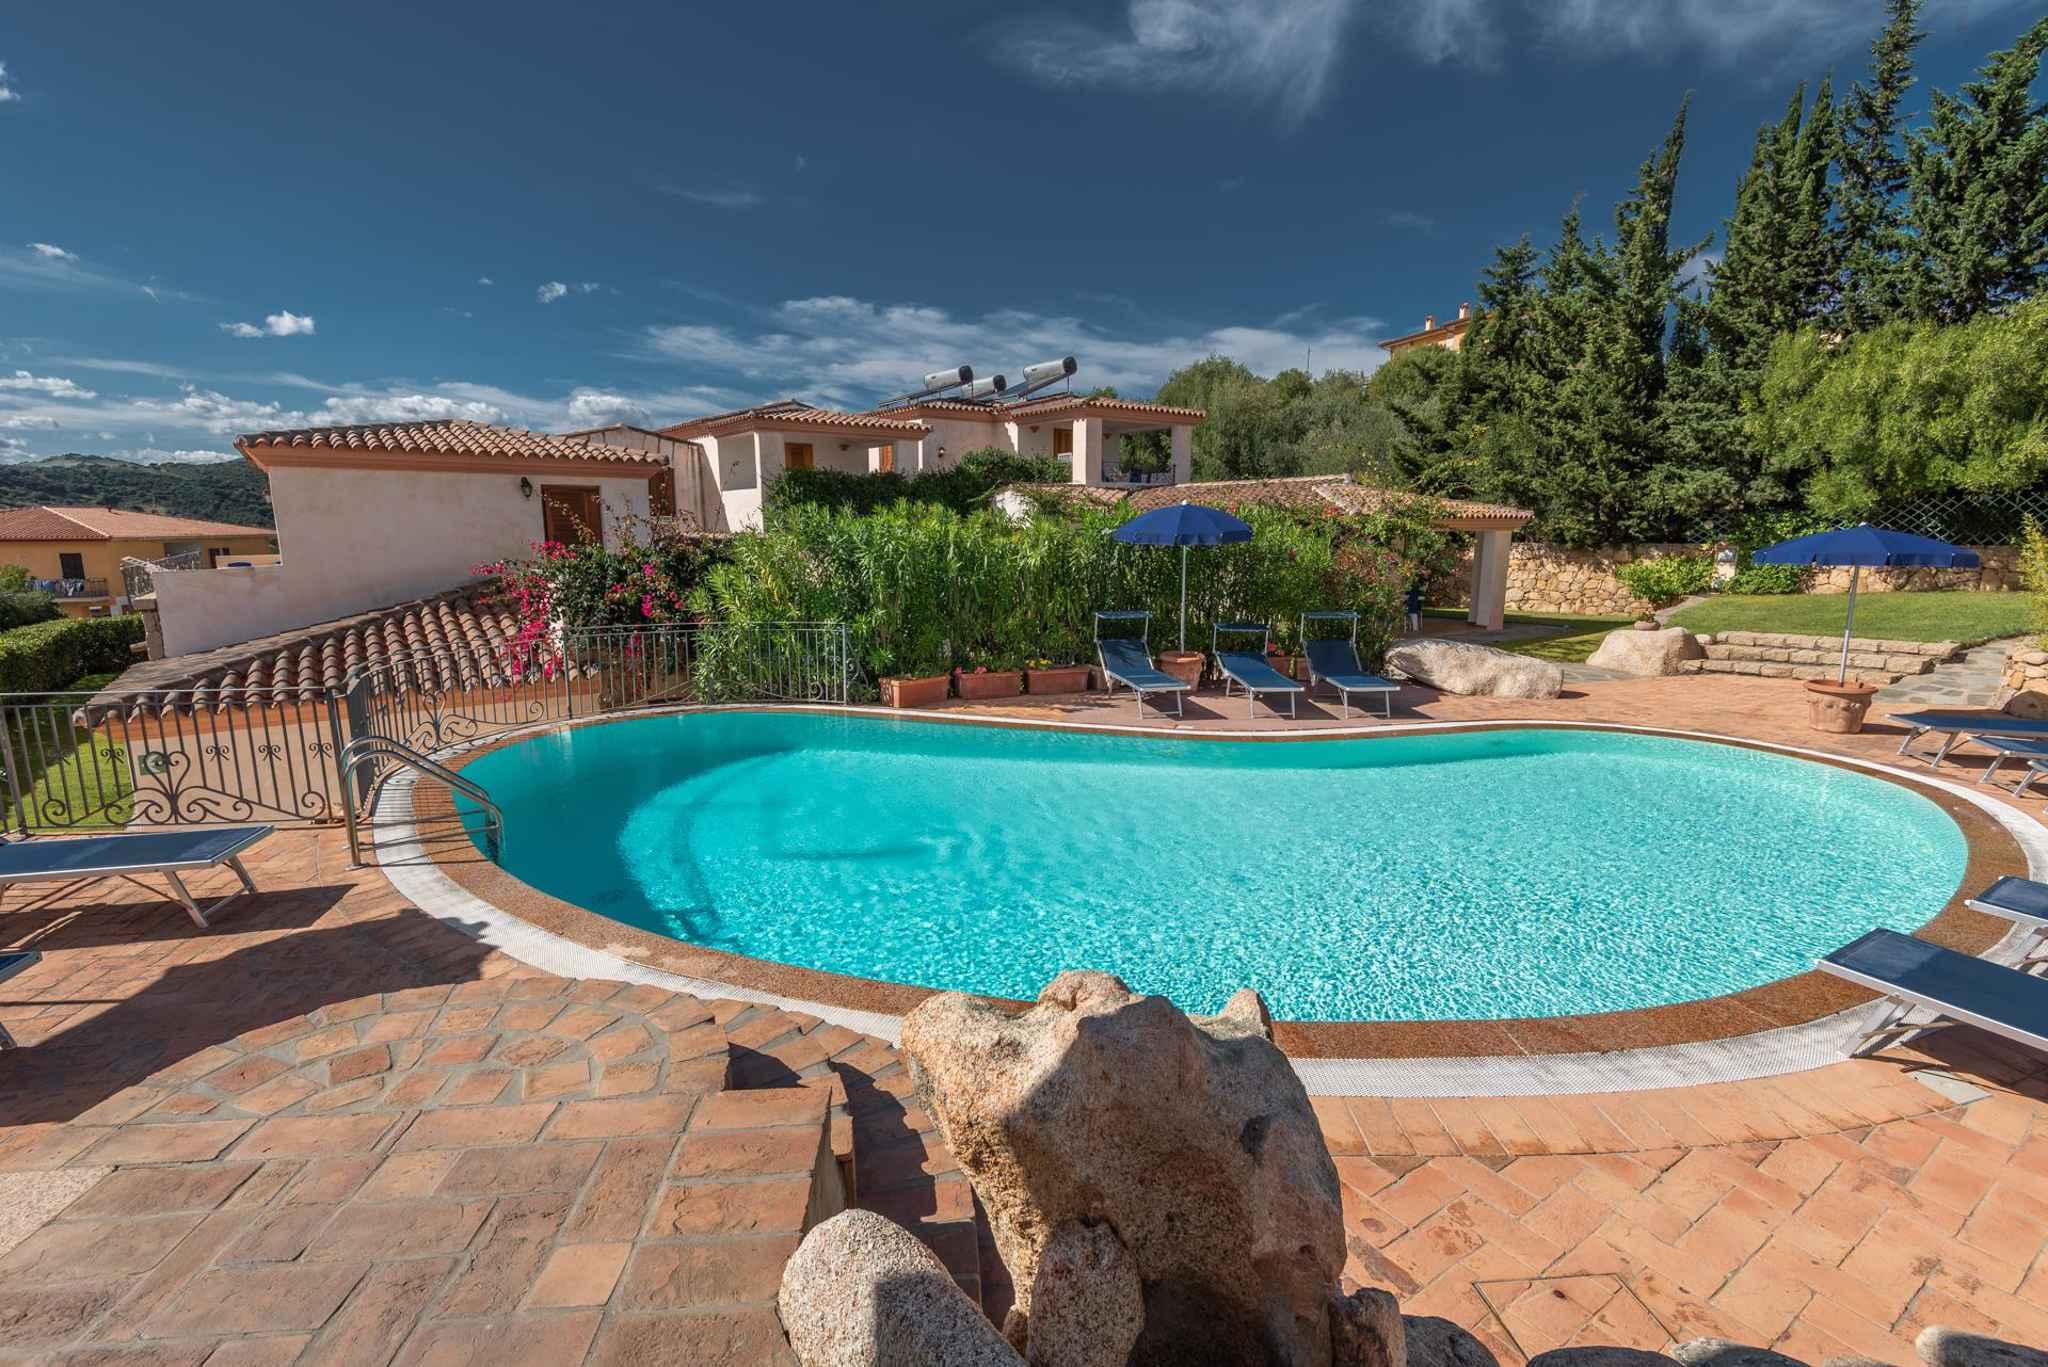 Ferienhaus mit Pool und Klimaanlage (2218540), Budoni, Olbia-Tempio, Sardinien, Italien, Bild 15